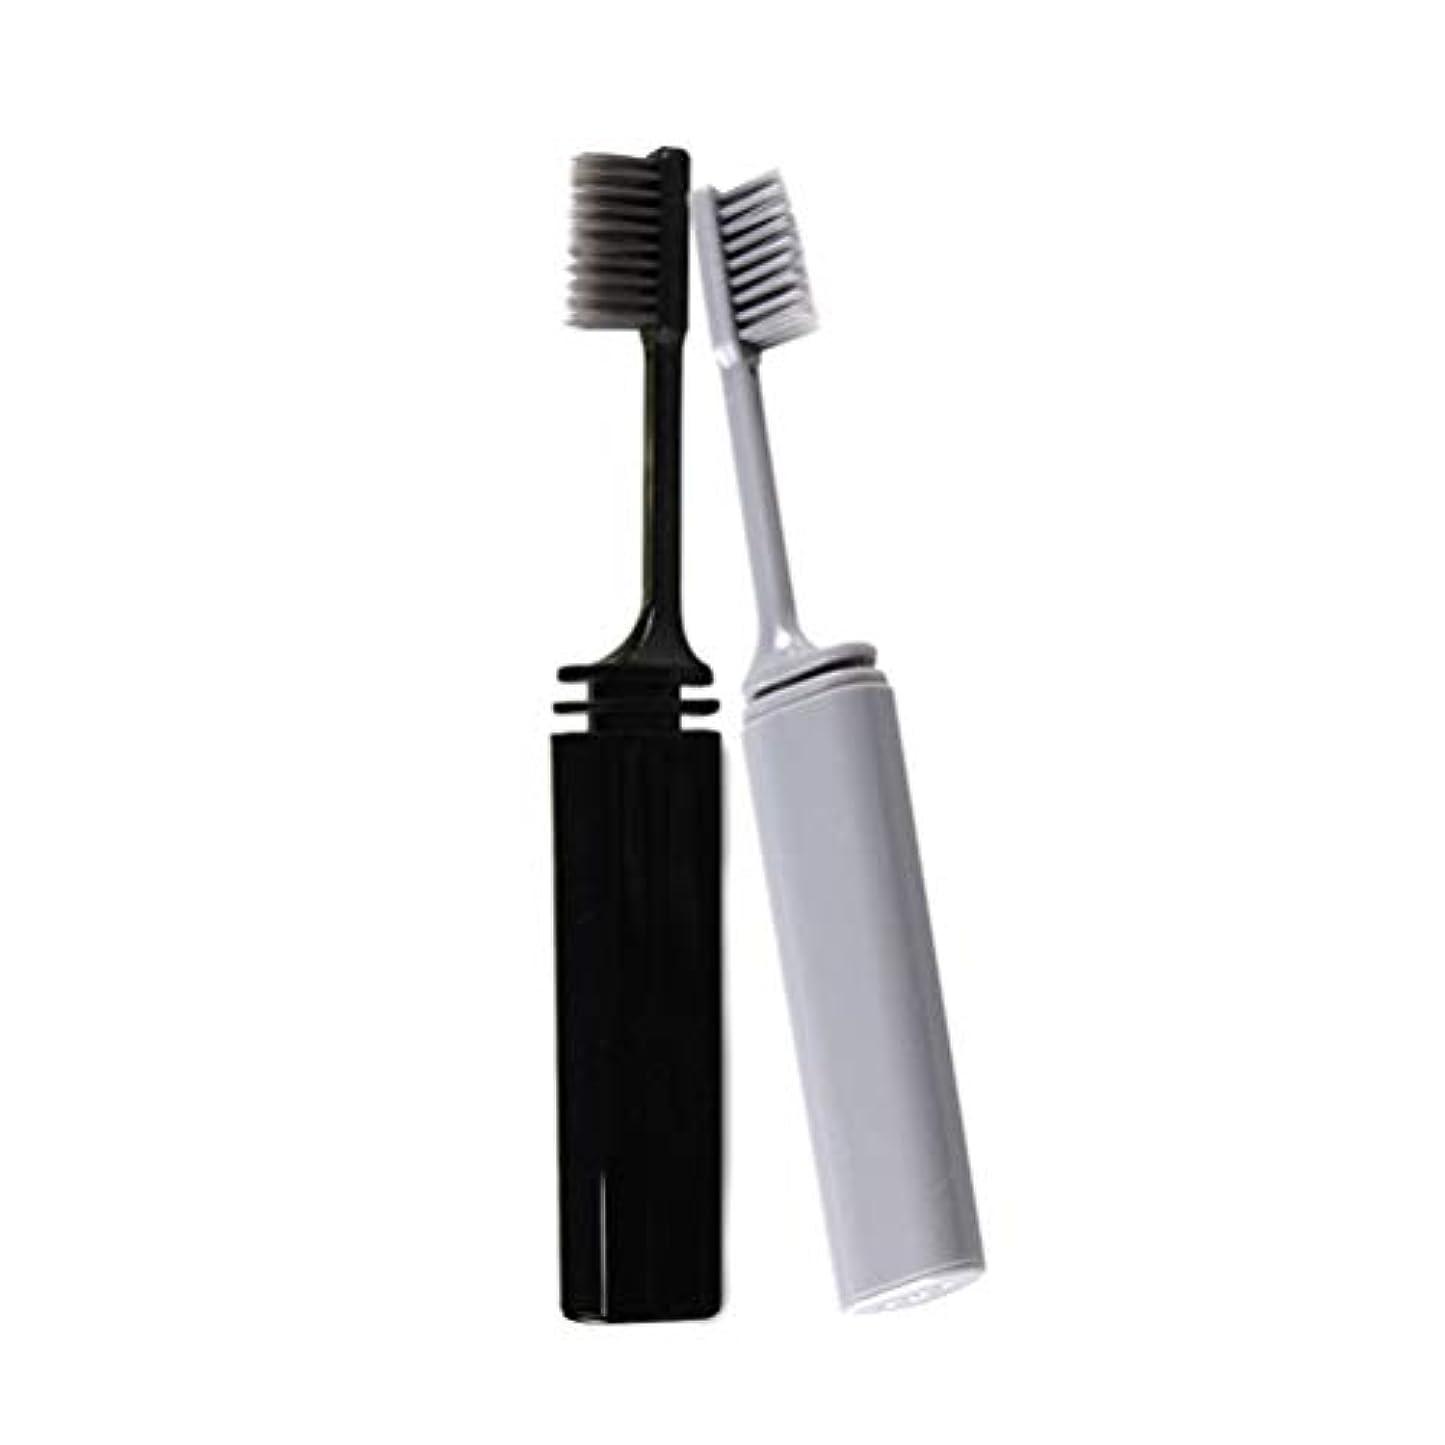 ループ通行人望むSUPVOX 2本旅行歯ブラシポータブル折りたたみ竹炭柔らかい剛毛歯ブラシ(グレーブラック)